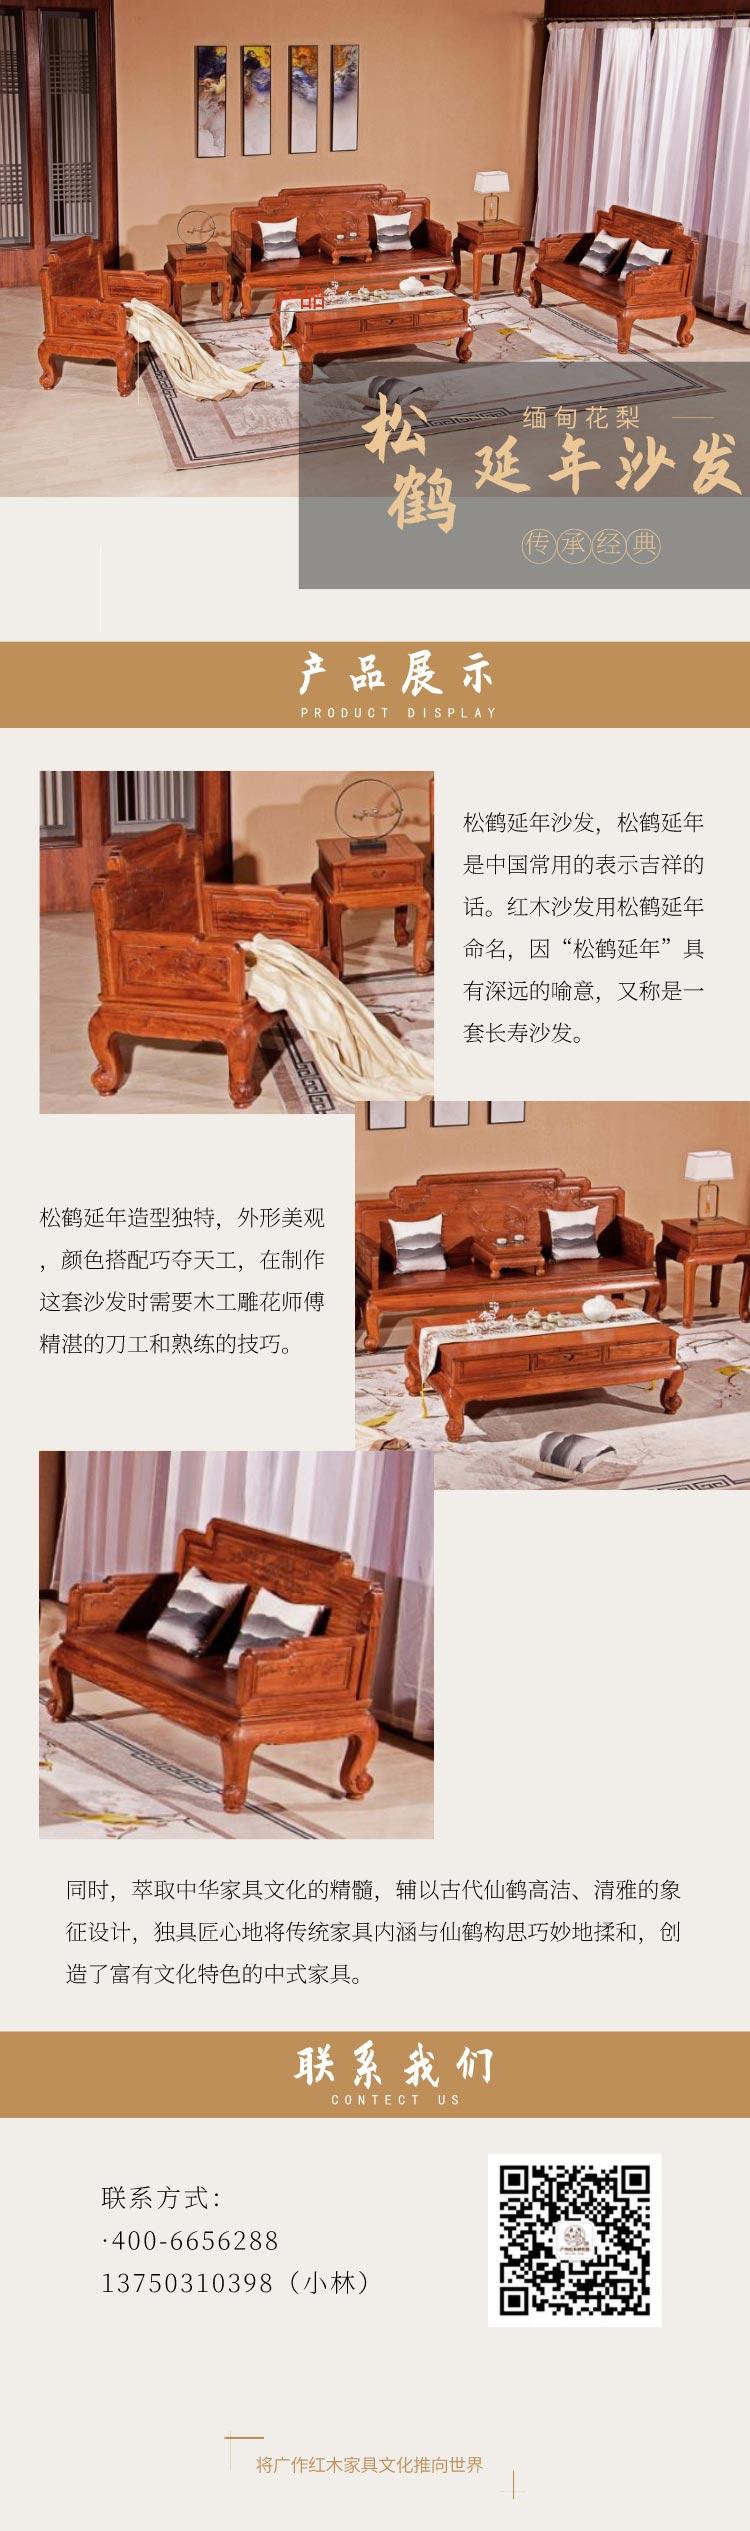 广作红木研究院《松鹤延年沙发》.jpg